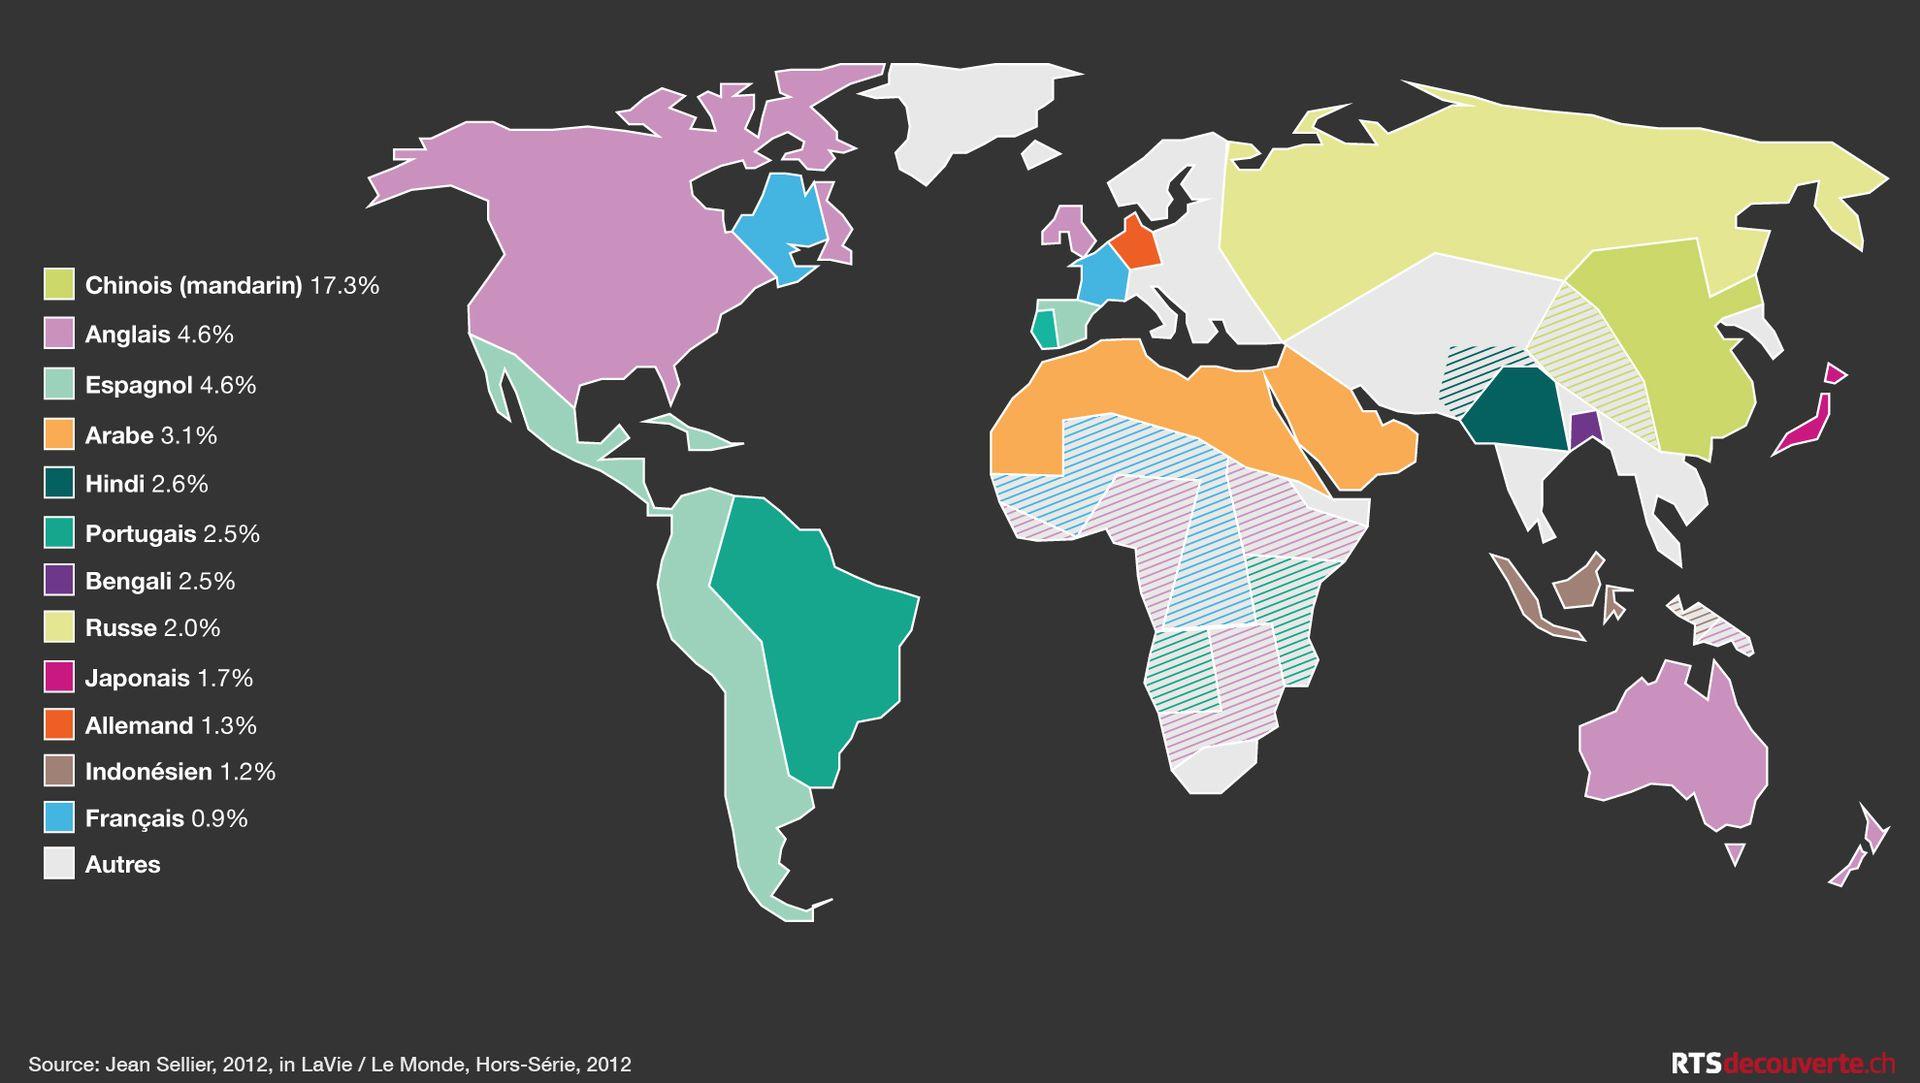 Notre infographie des langues les plus parlées dans le monde [RTS Découverte]